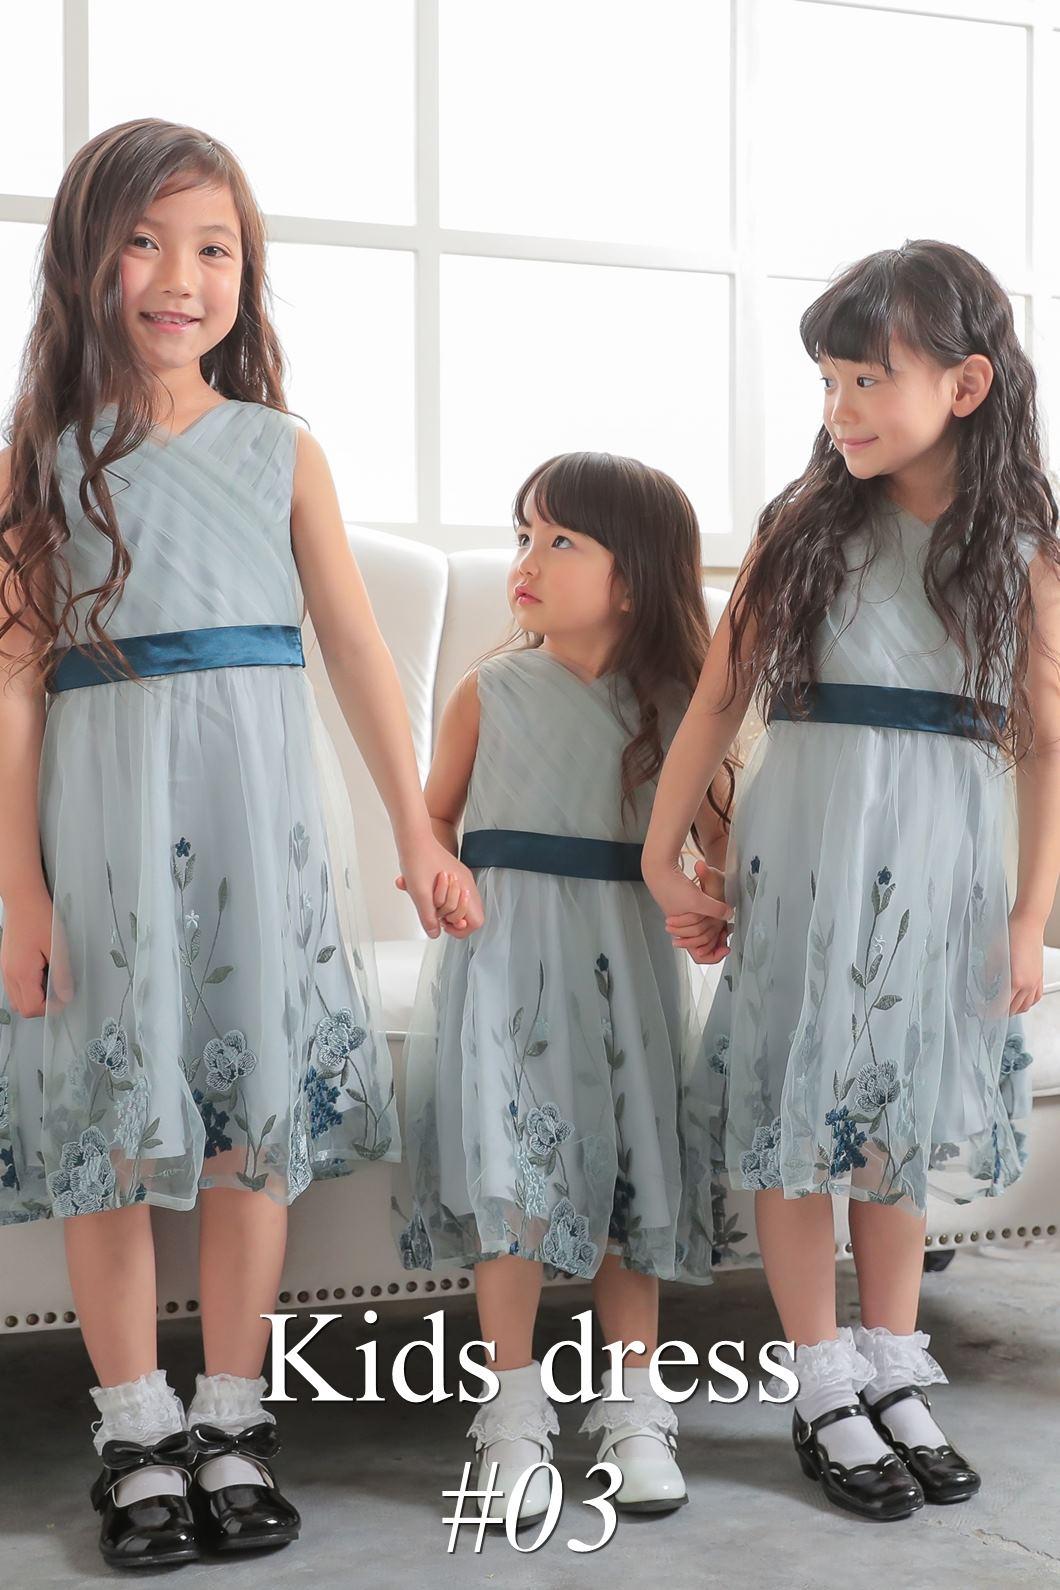 ふわふわのチュールを使用し、小さなお子様にも安心のキッズドレス